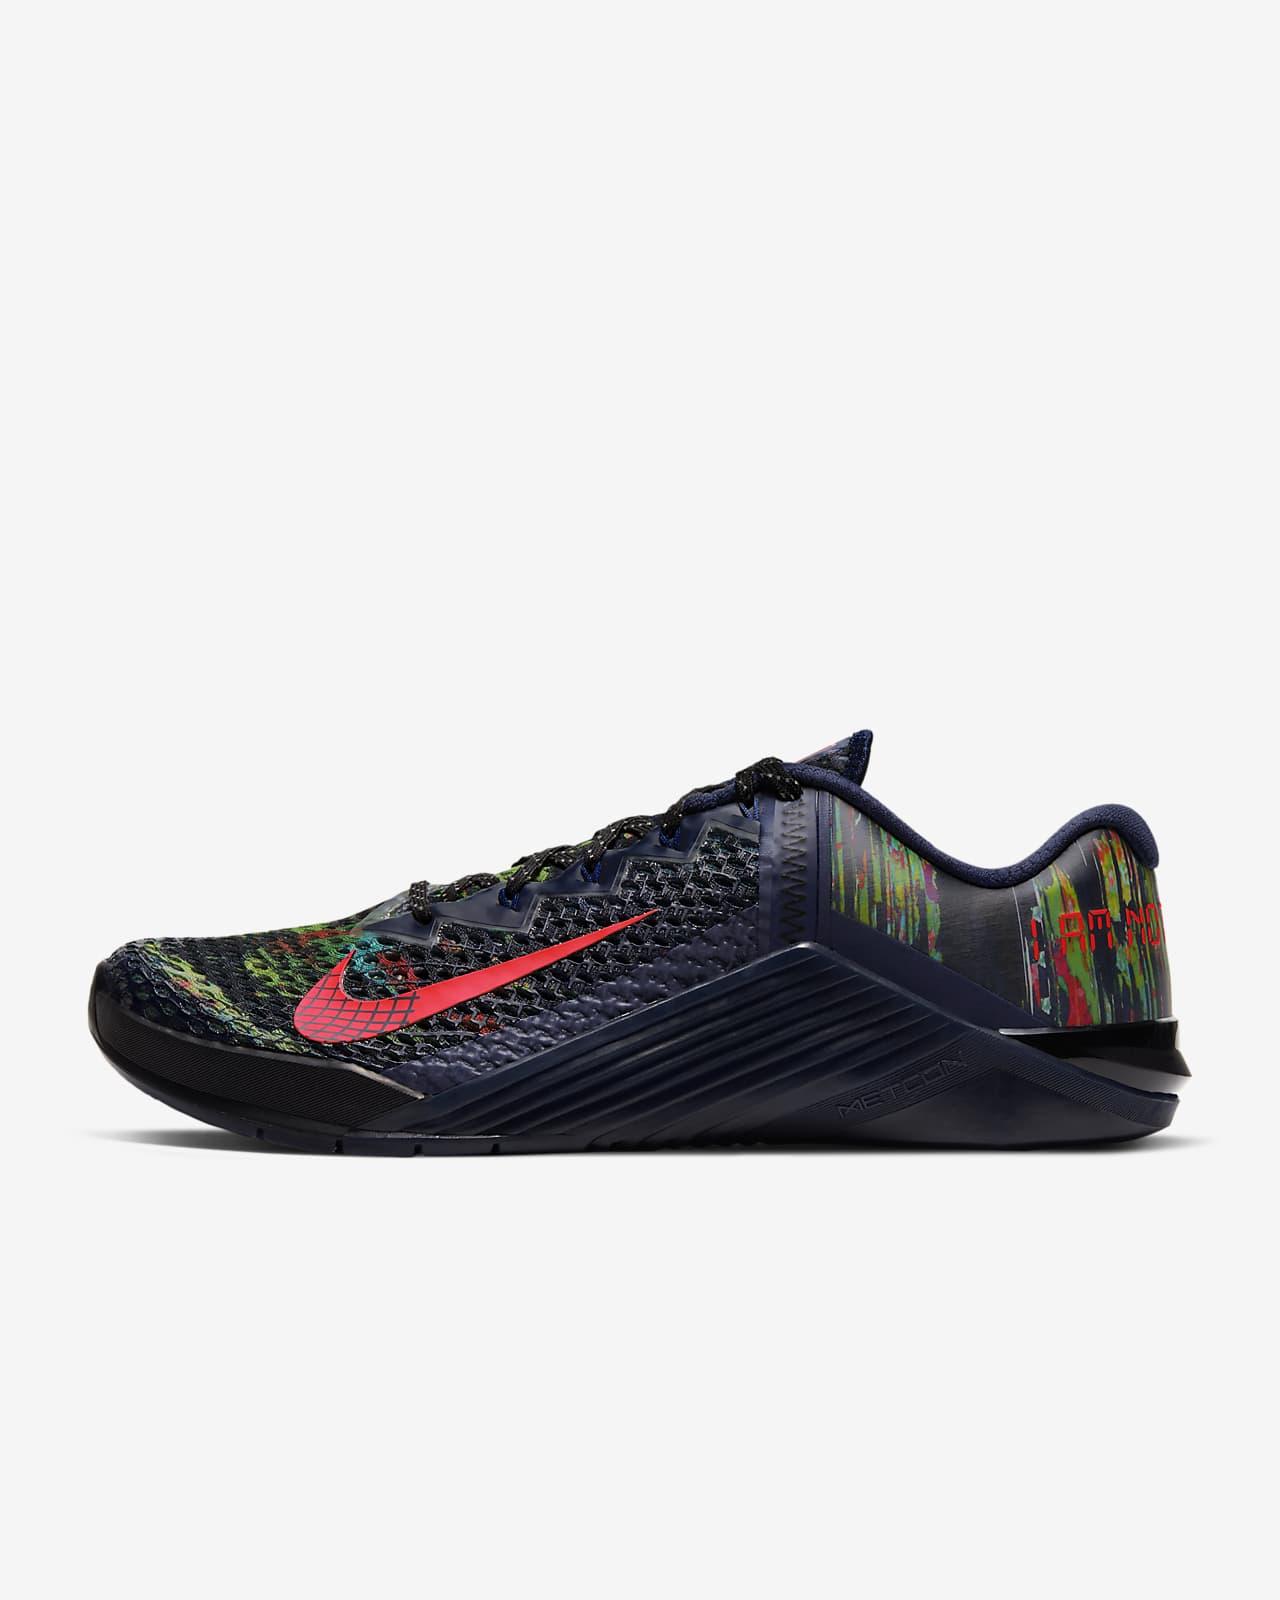 Nike Metcon 6 AMP Herren-Trainingsschuh